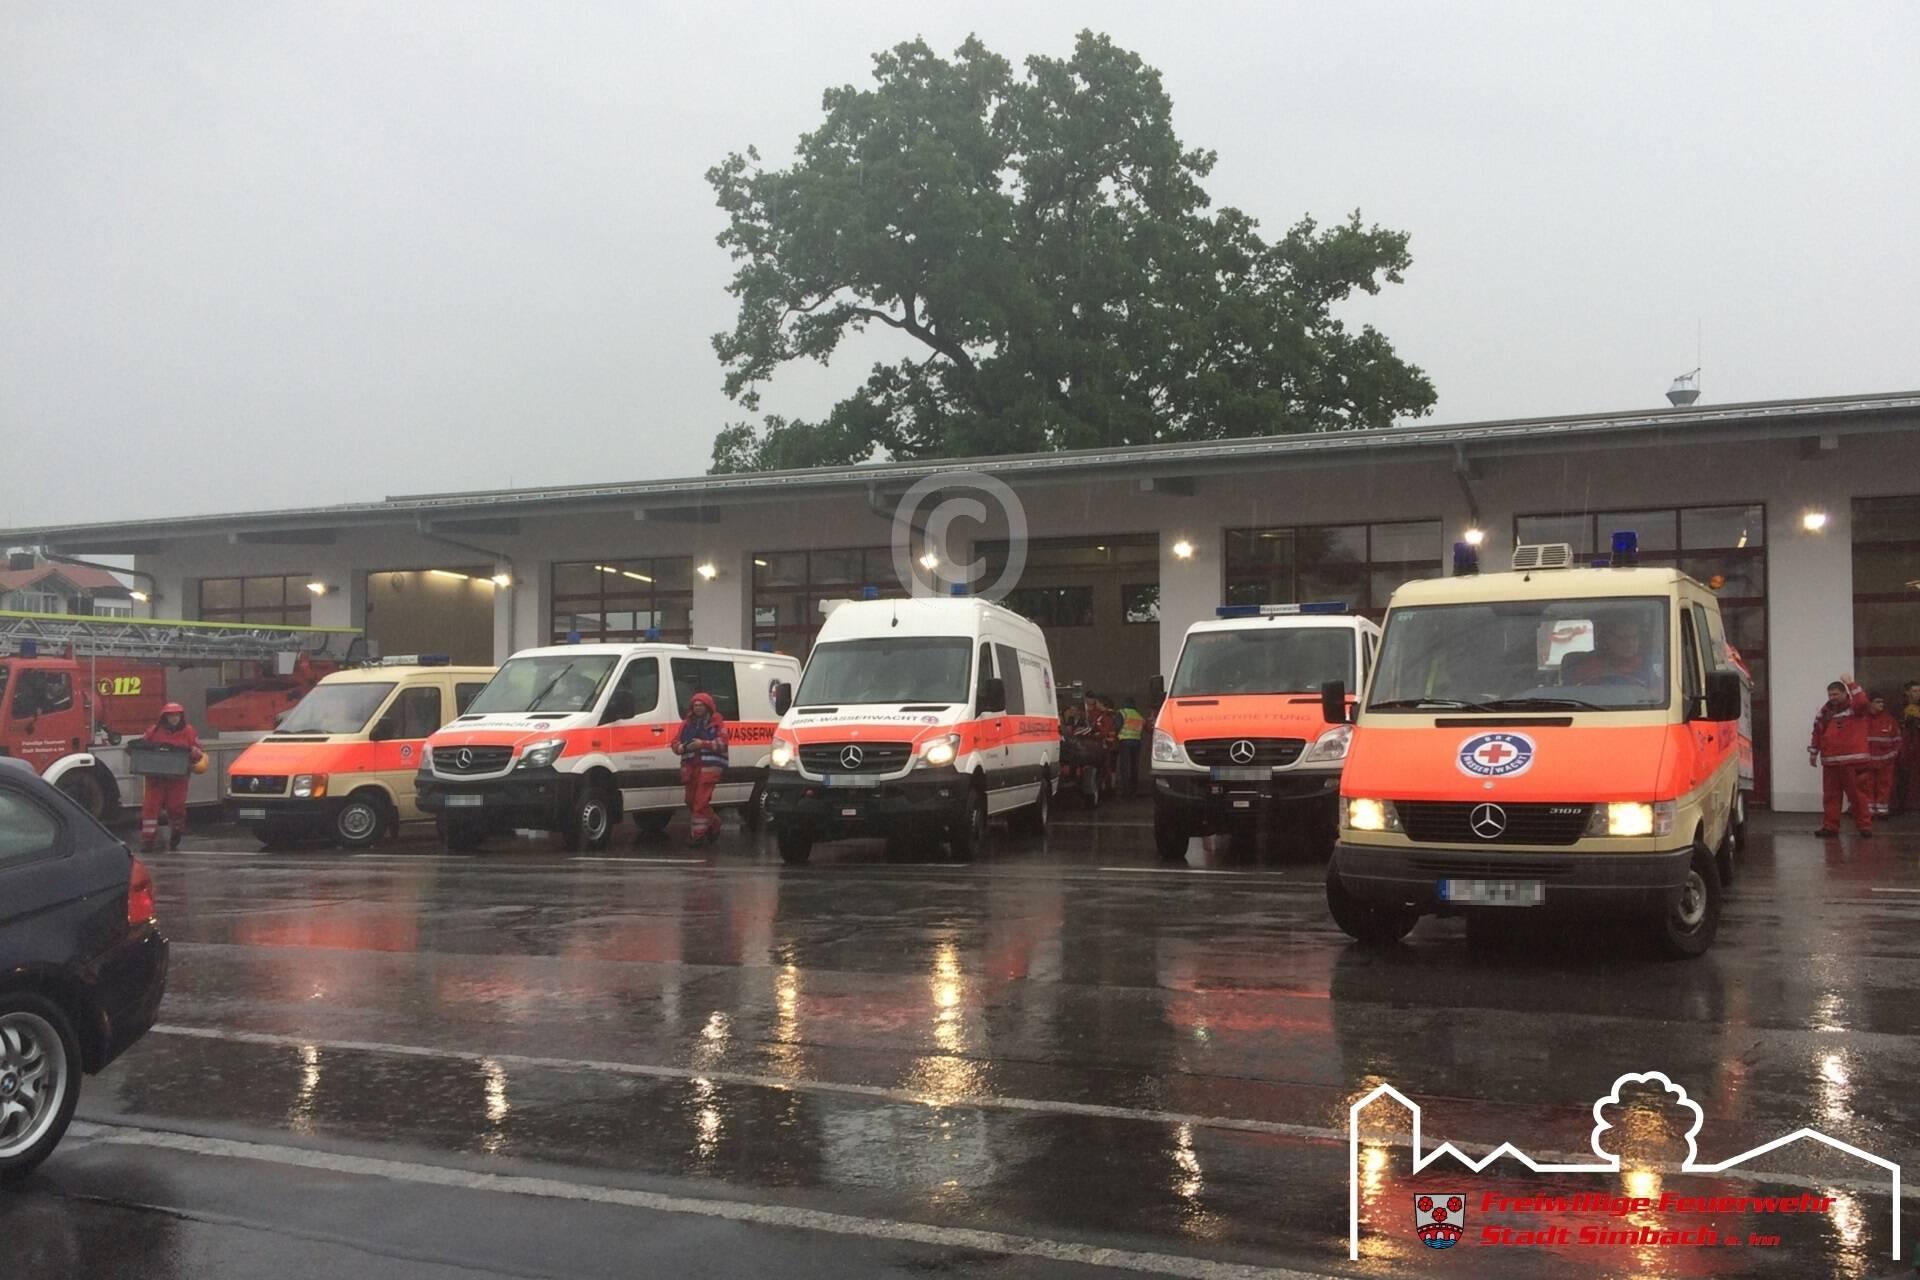 Einsatzfahrzeuge vorm Simbacher Feuerwehrgerätehaus